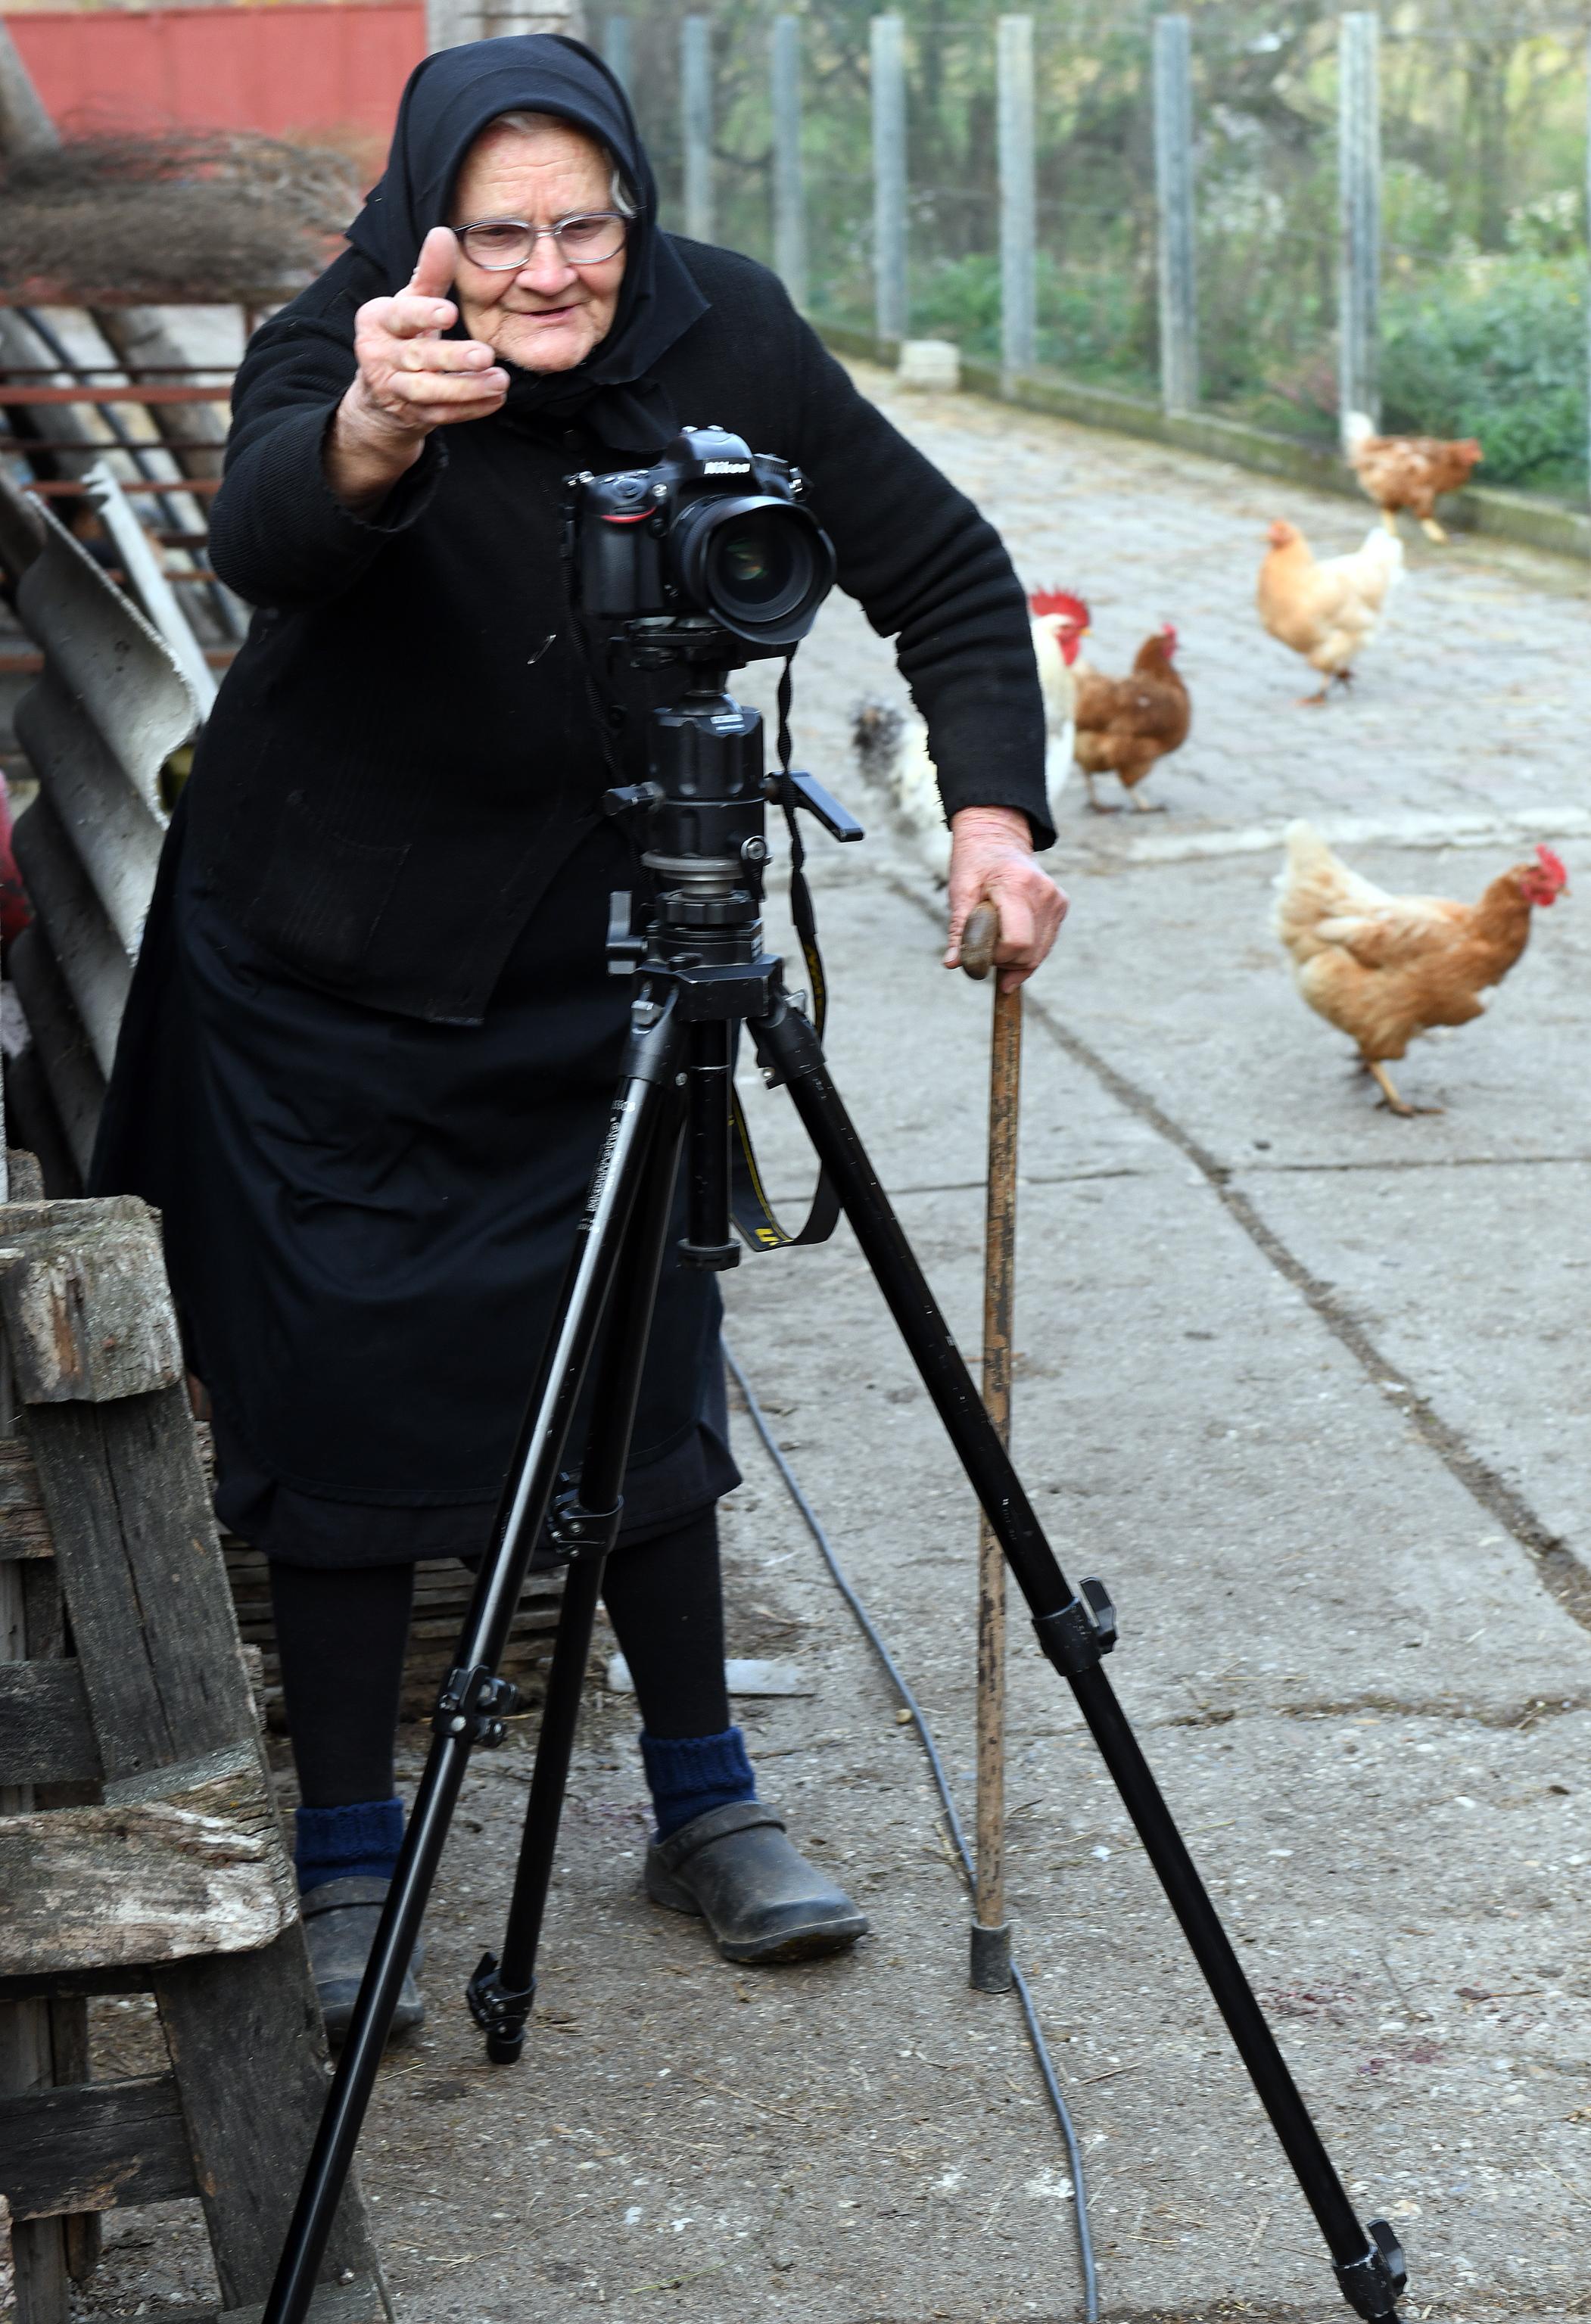 Mali, miči mi ovu snimalicu s puta, inače ću te ja snimiti štapom, rekla je teta Marica fotoreporteru / Snimio Marko GRACIN